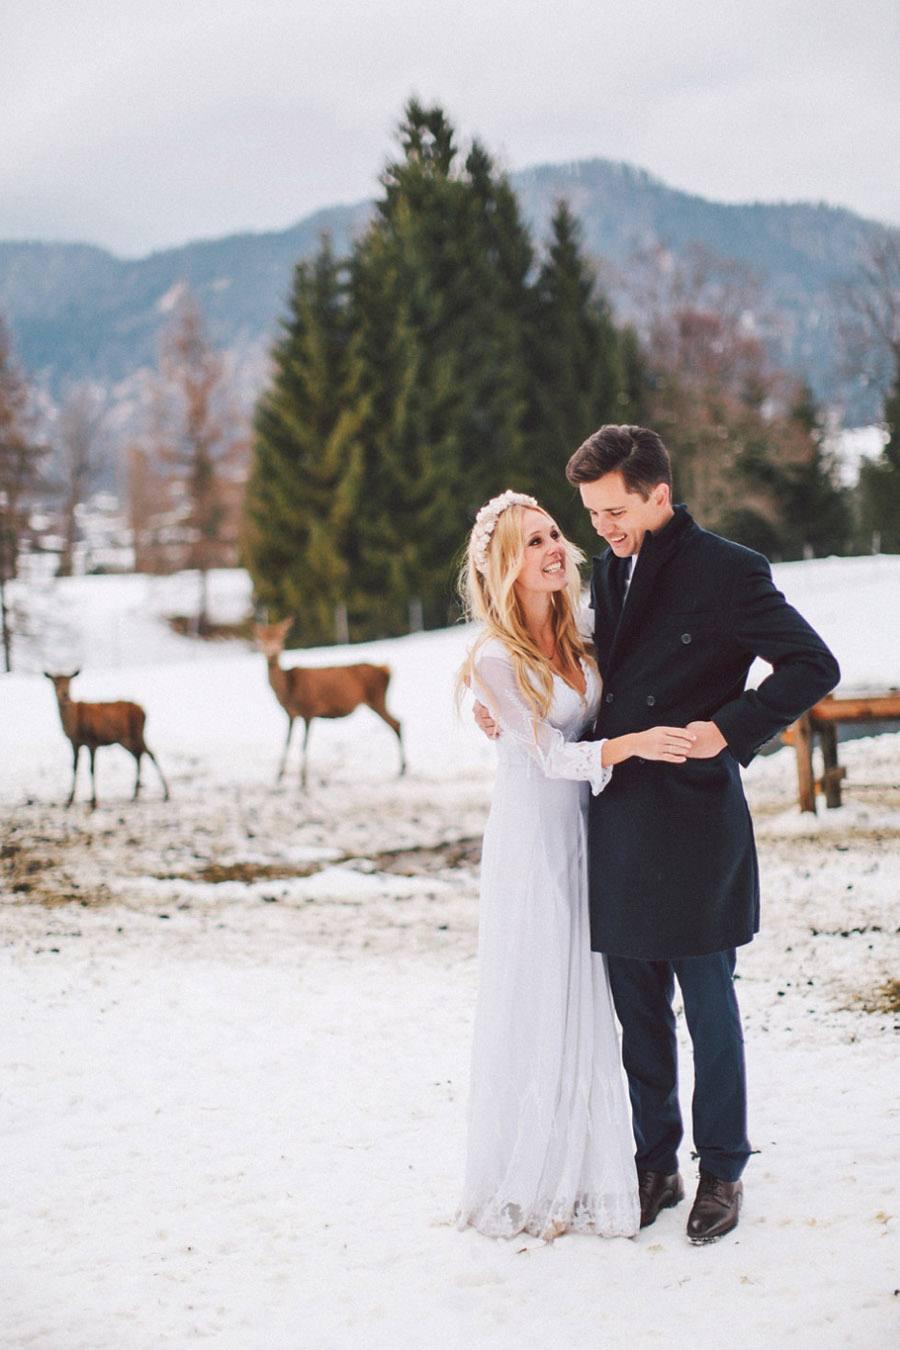 SARAH & IAN: BODA BOHEMIA EN LA NIEVE boda-bohemia